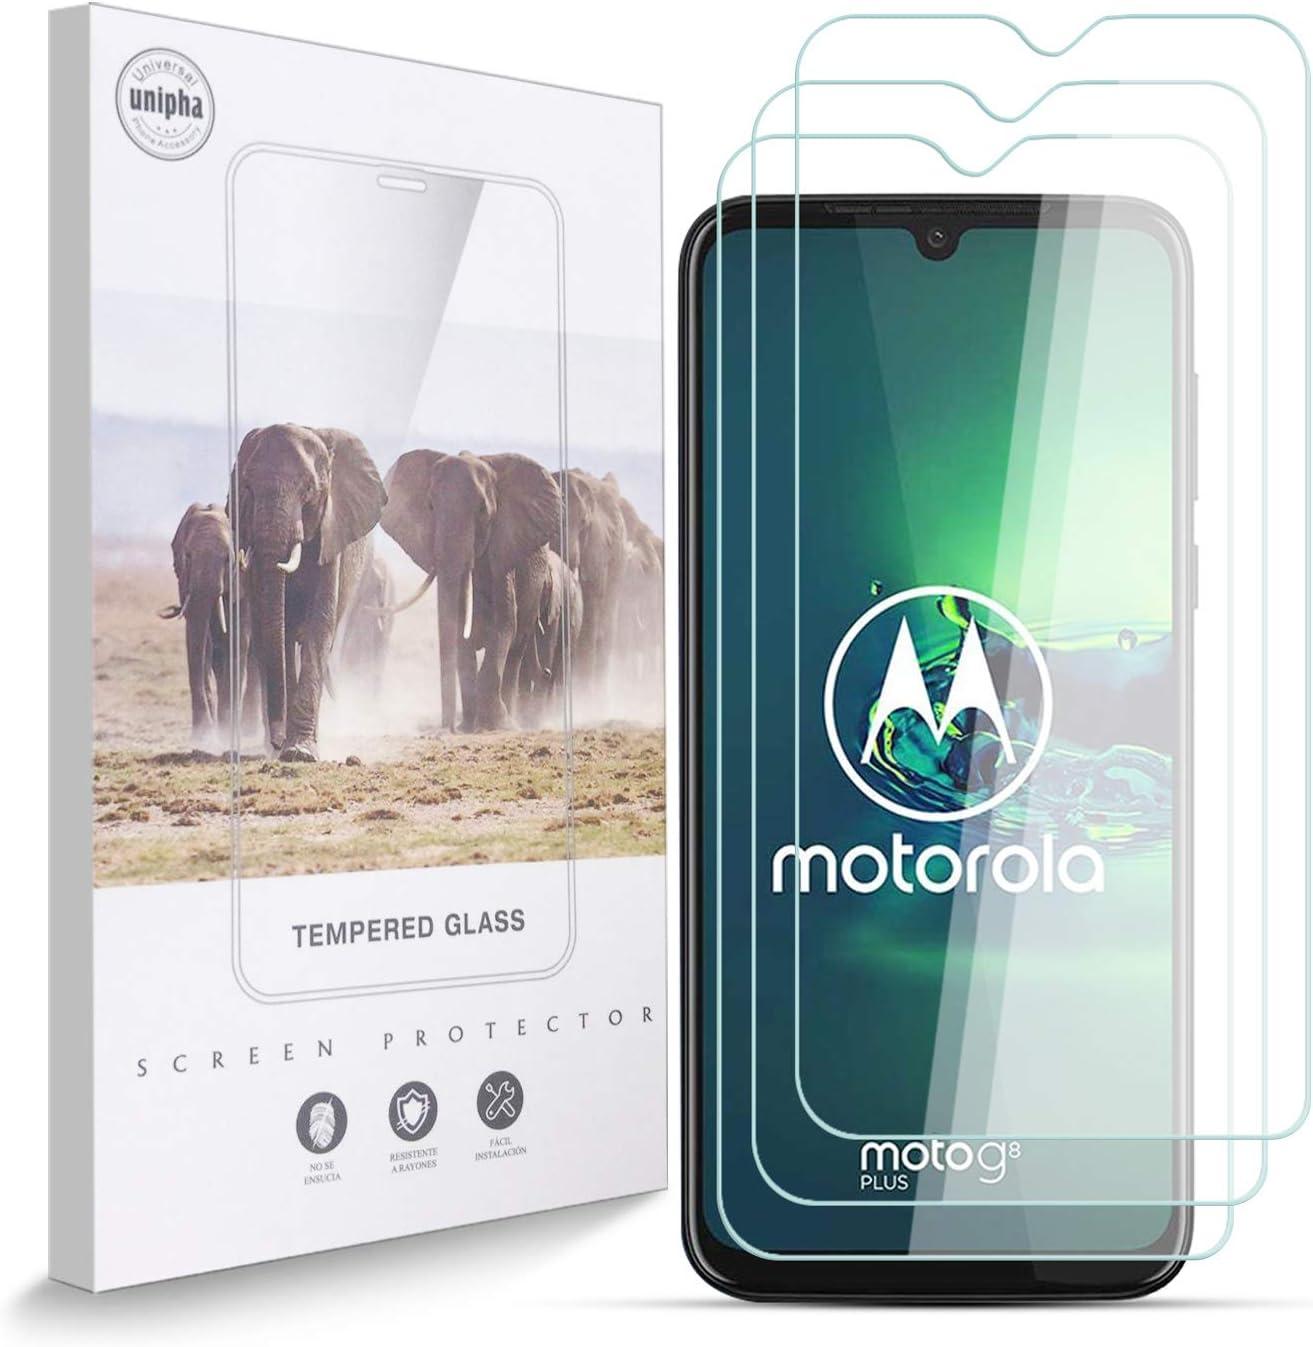 Protector de Pantalla para Motorola Moto G8 Plus, 9H, Antihuellas, Antiarañazos, Sin Burbujas, 0.33 mm, Ultra Resistent, HD Cristal Vidrio Templado Compatible con Motorola Moto G8 Plus, 3 Piezas